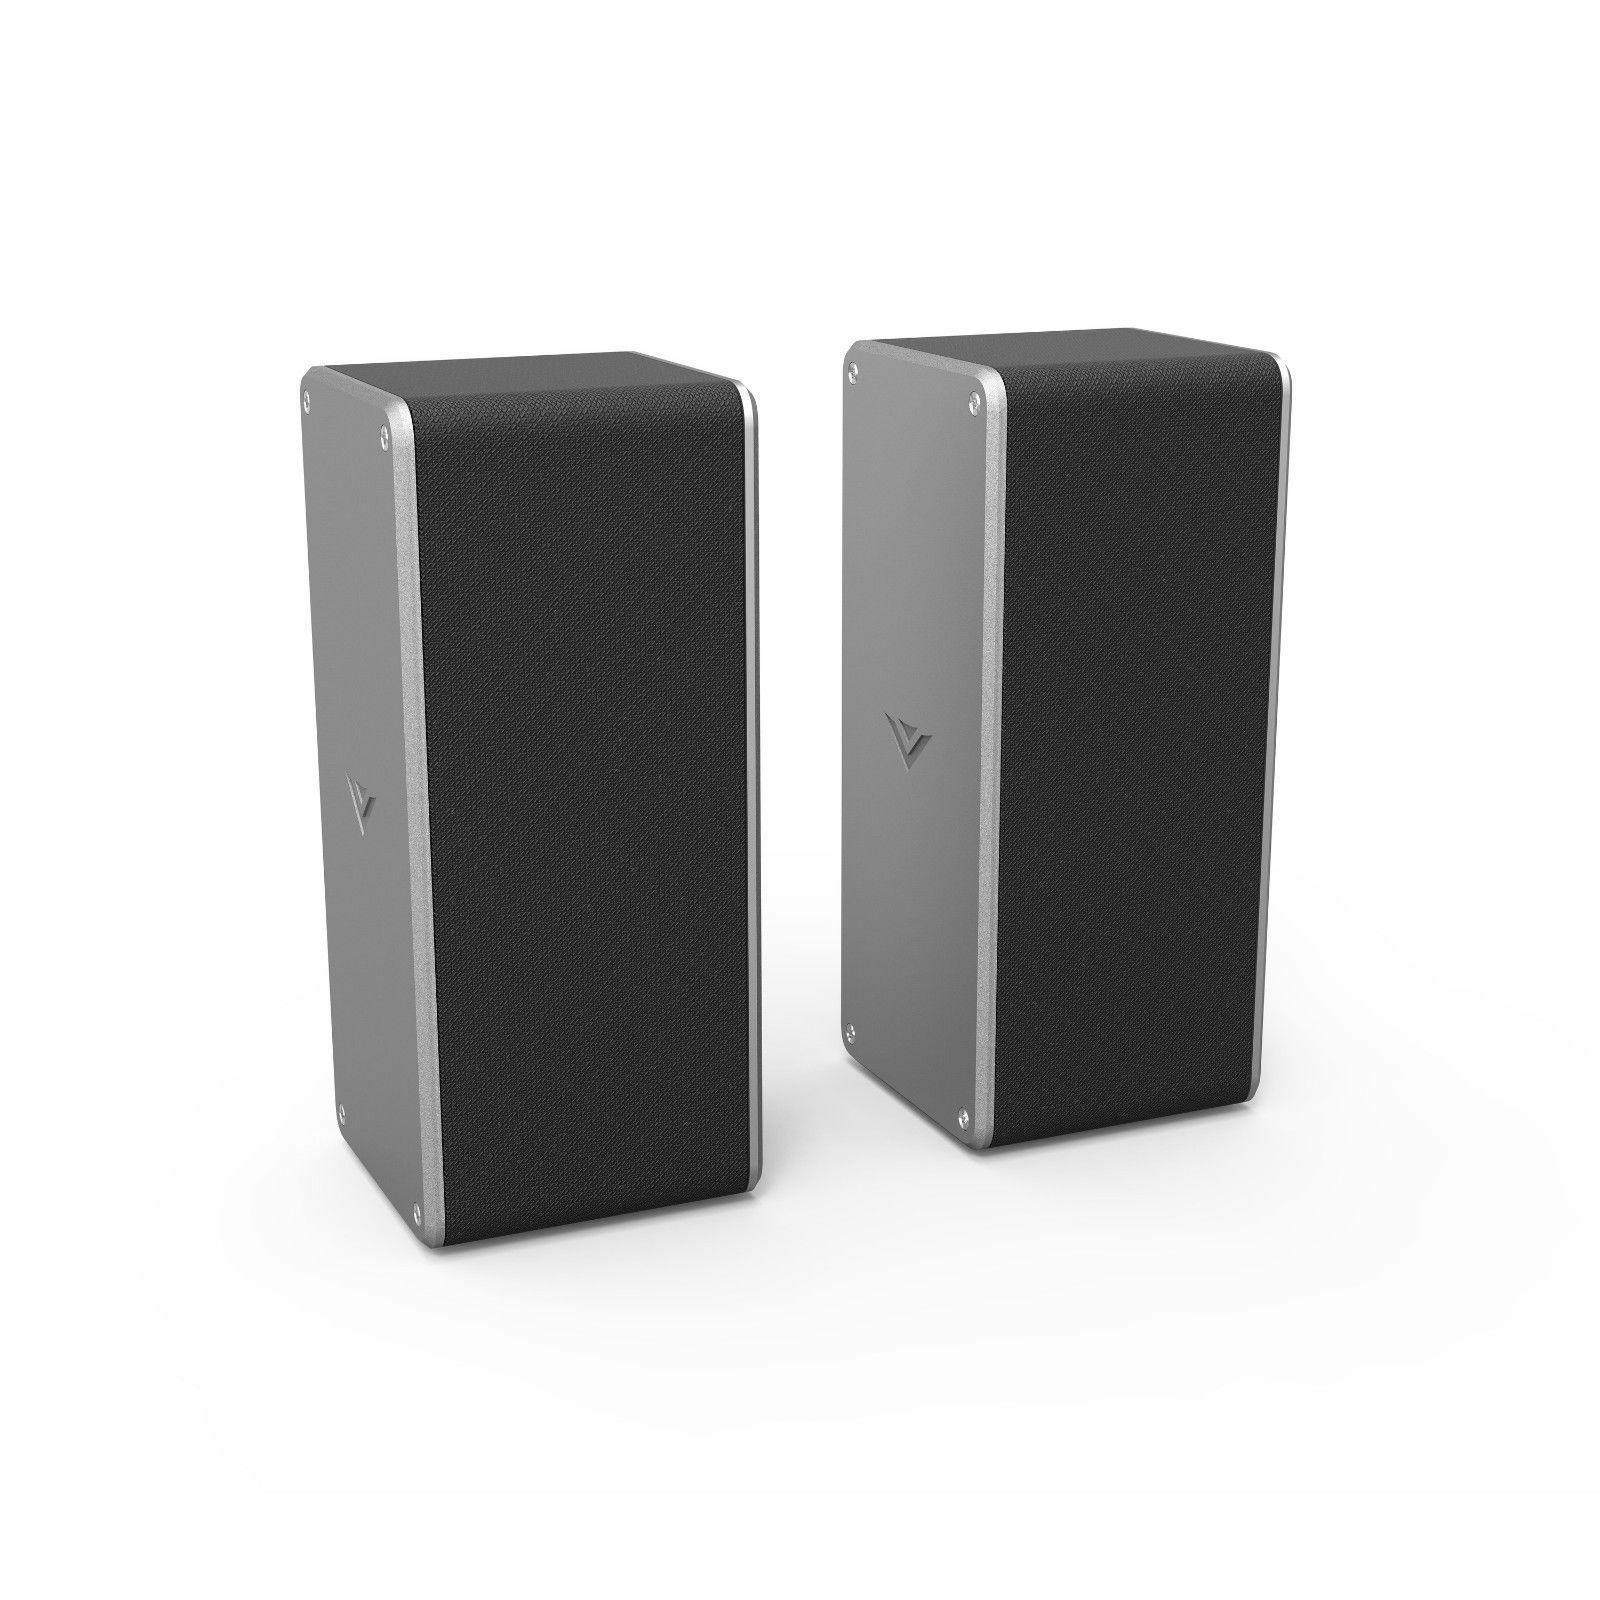 Vizio 5.1 Surround Sound Bar Speaker System Wireless Subwoof